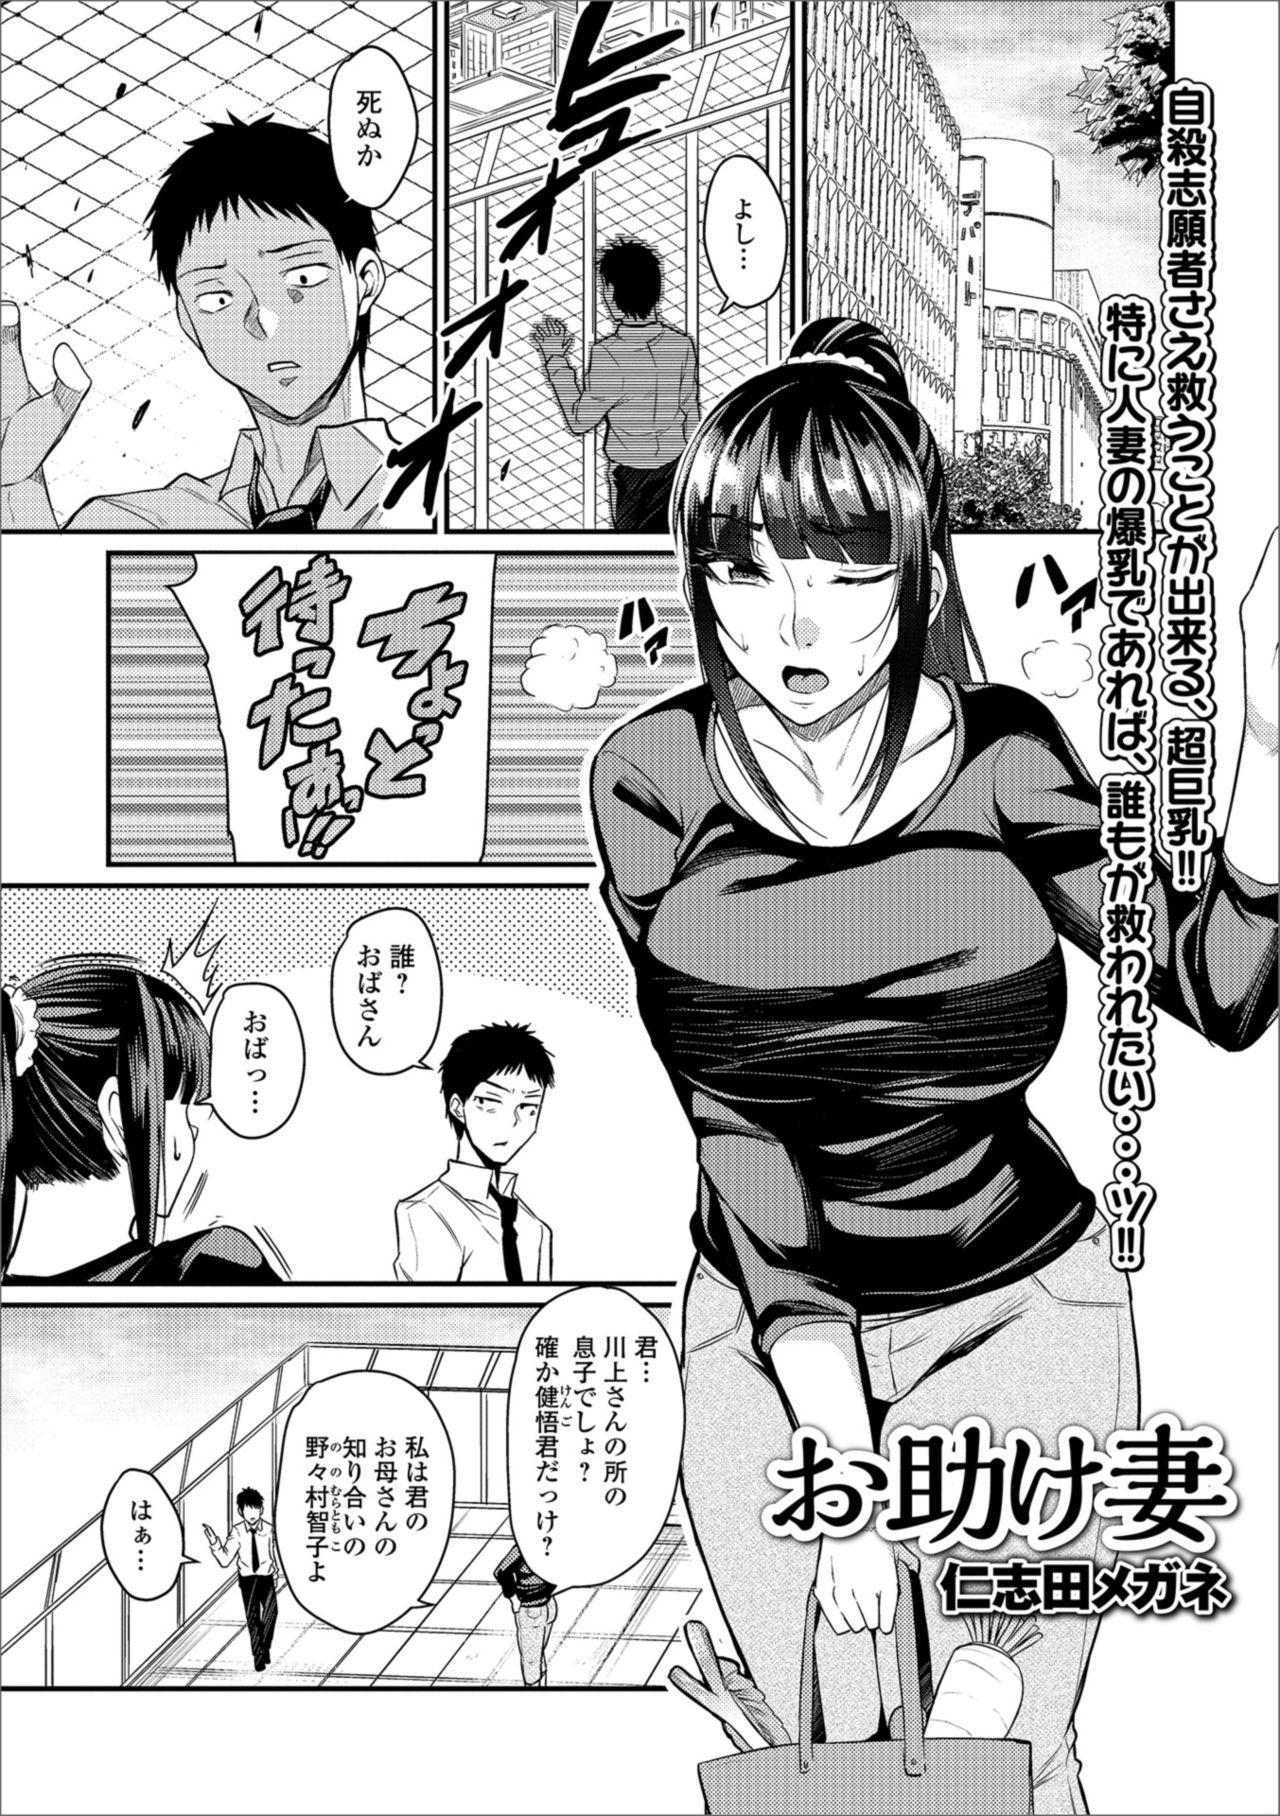 Web Haishin Gekkan Tonari no Kininaru Oku-san Vol. 019 28